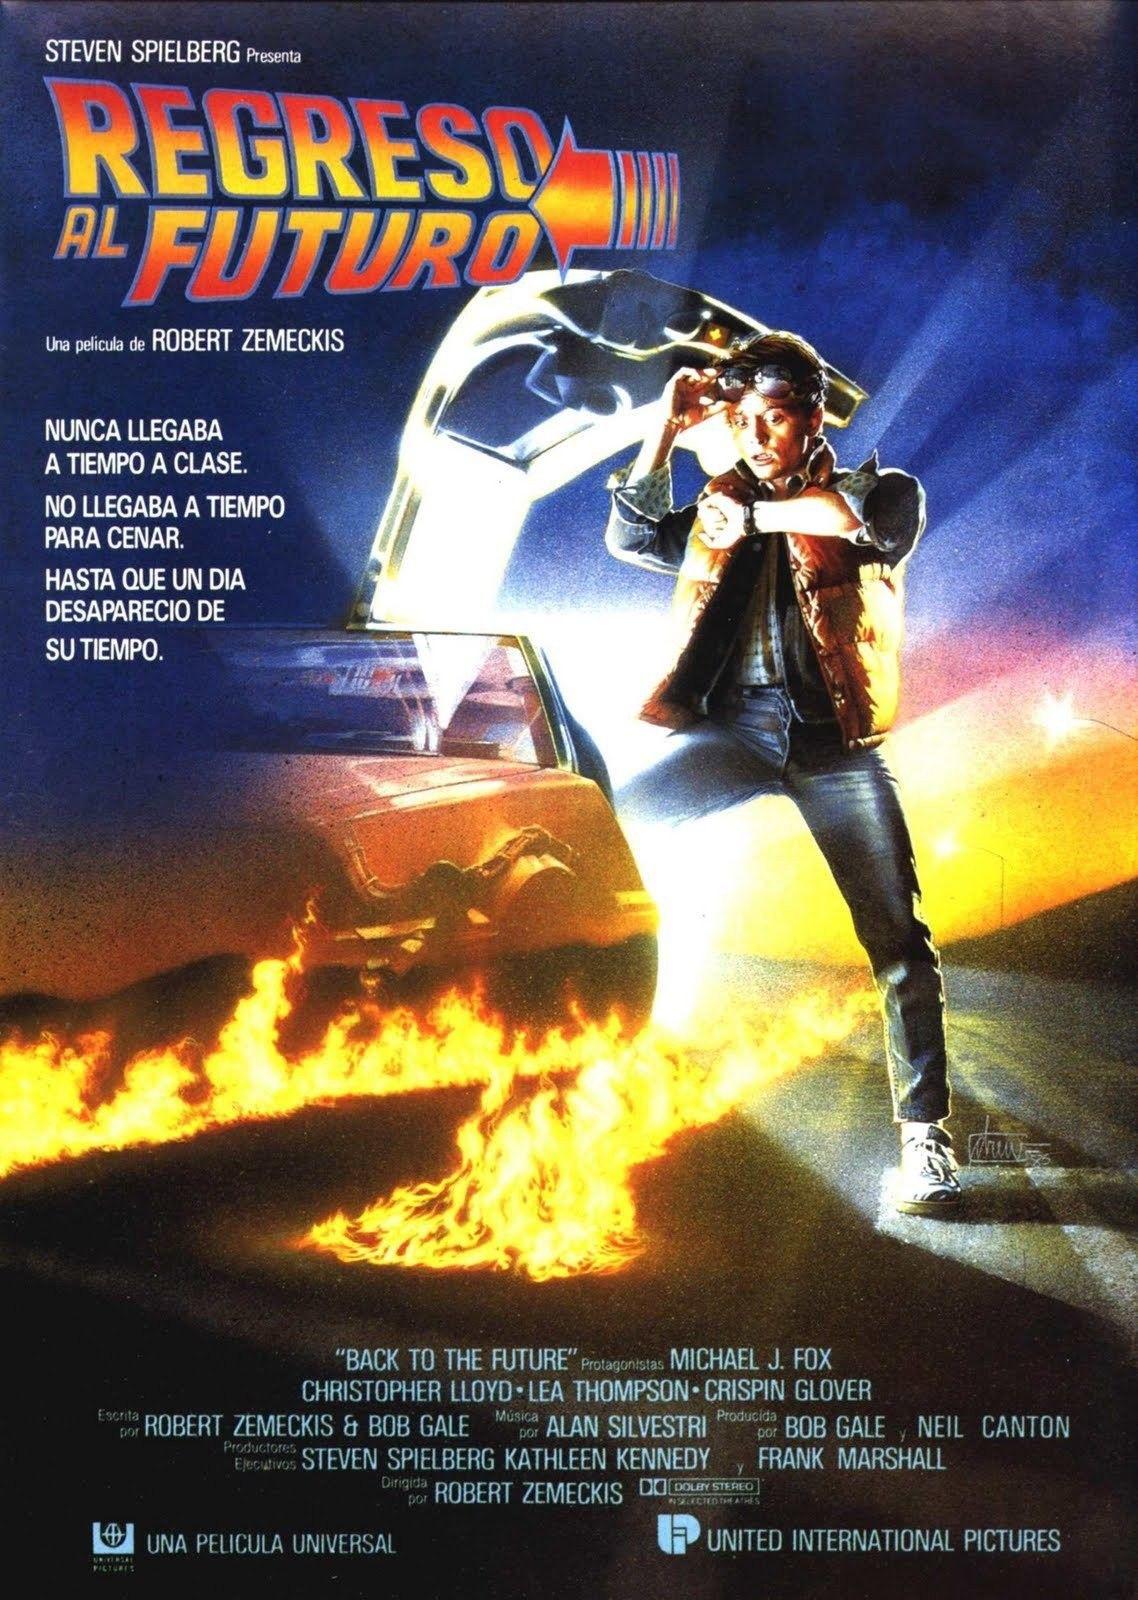 Regreso al futuro 1985 ver pel culas online gratis ver regreso al futuro